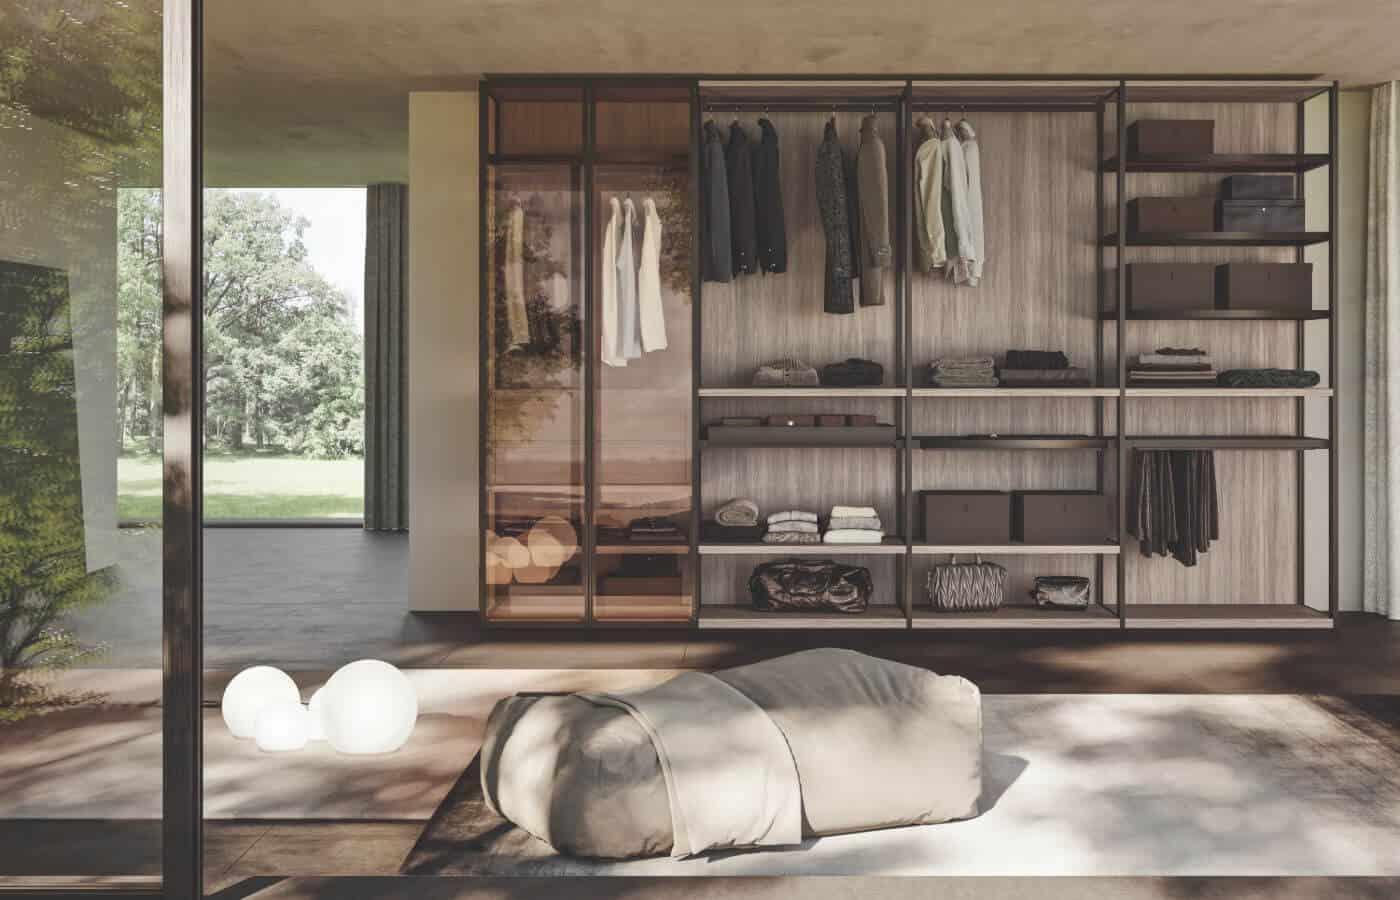 armadi-cabina-armadio-collezione-afrodite-il-mobile (2)